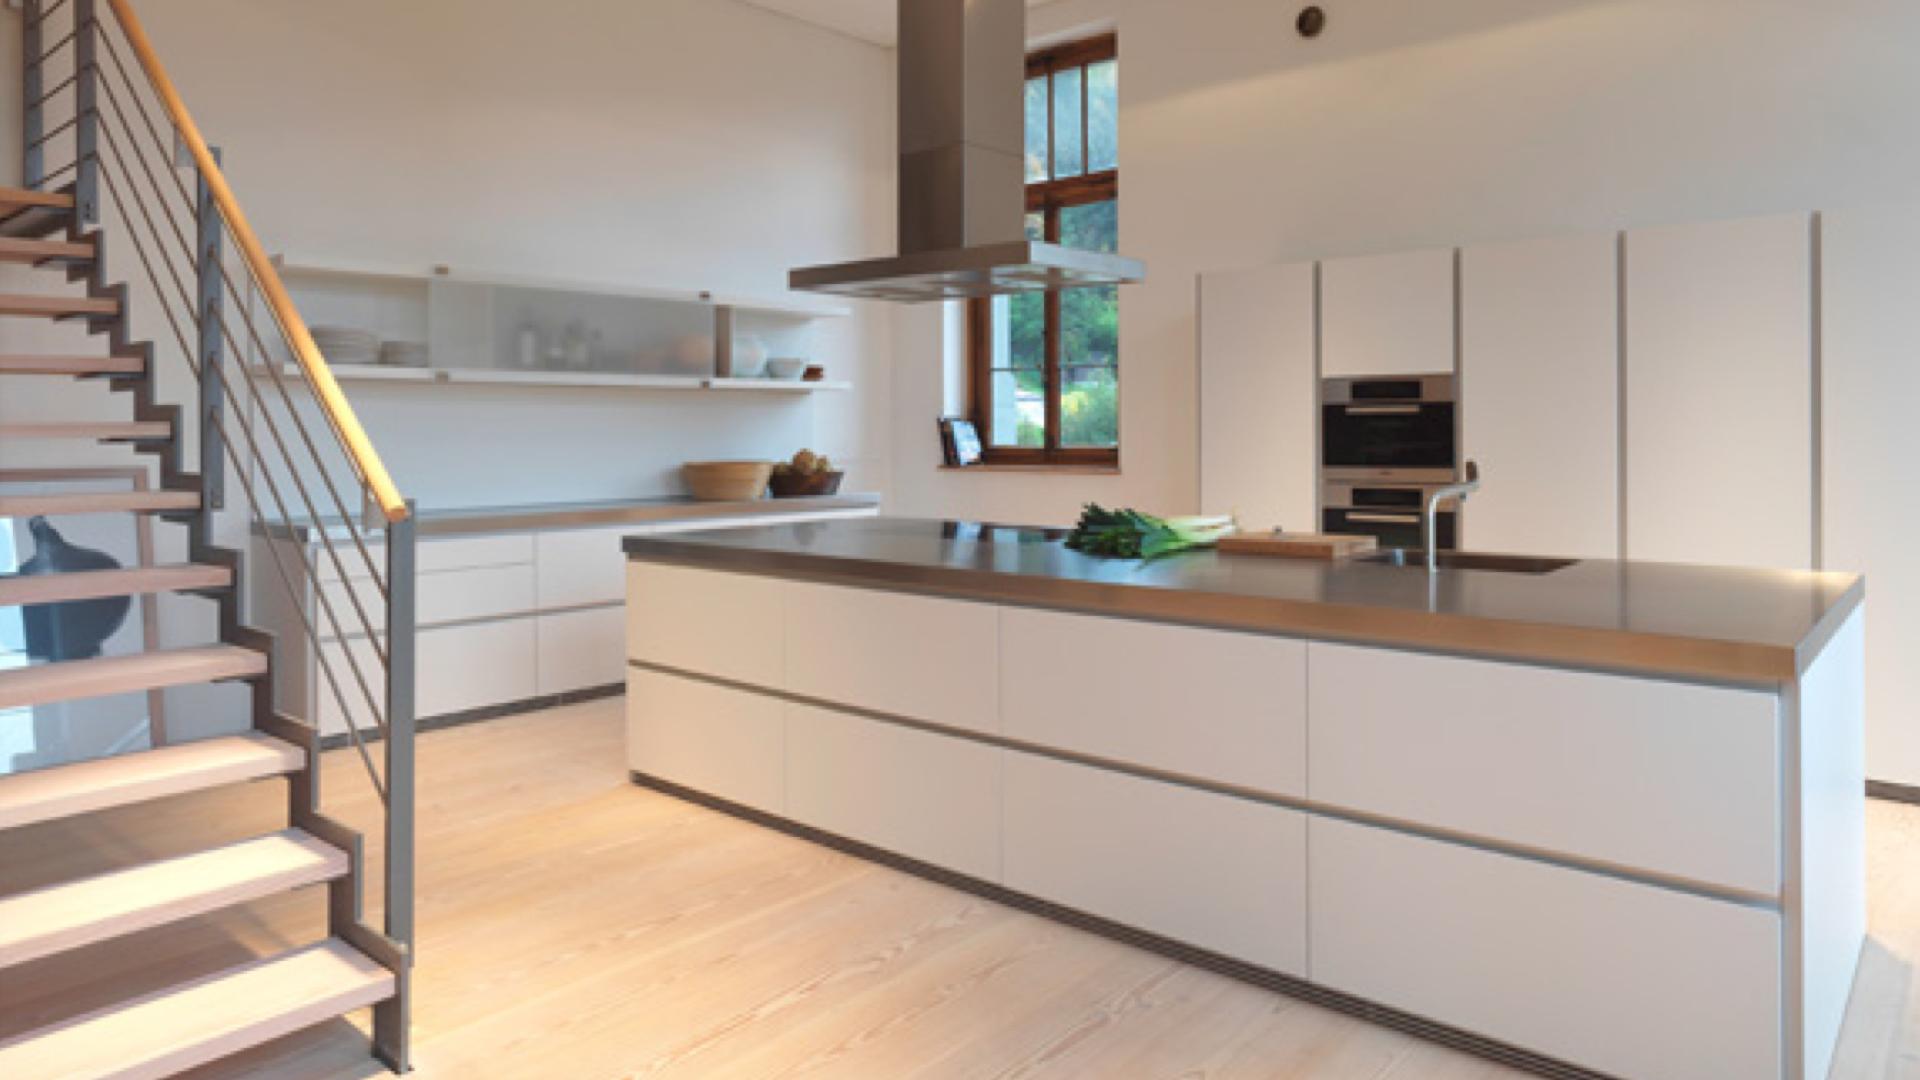 bulthaup kuchen bielefeld, bulthaup: bulthaup küchen vergleichen + bulthaup küche planen mit, Design ideen